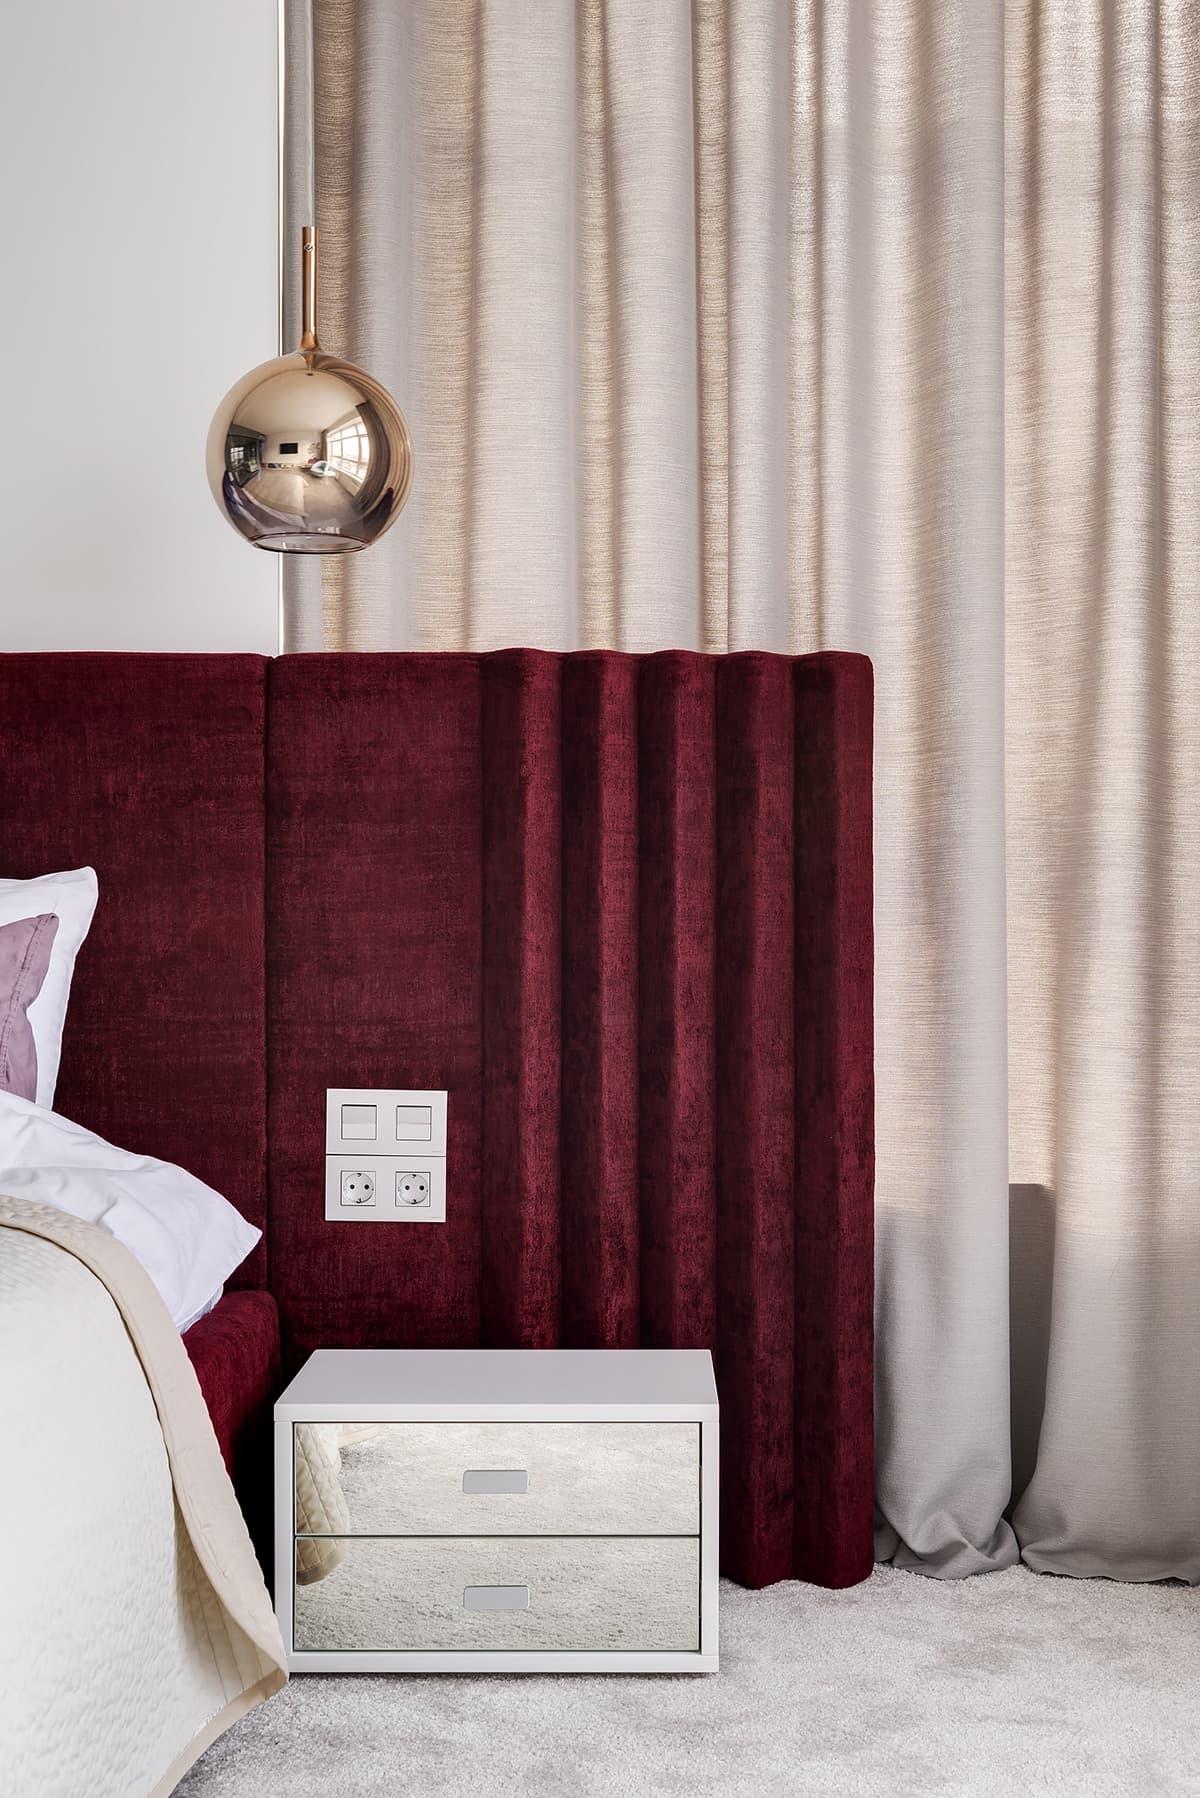 Глубокий и стильный цвет бордо особенно выгодно подчеркнут элементы с золотым отливом